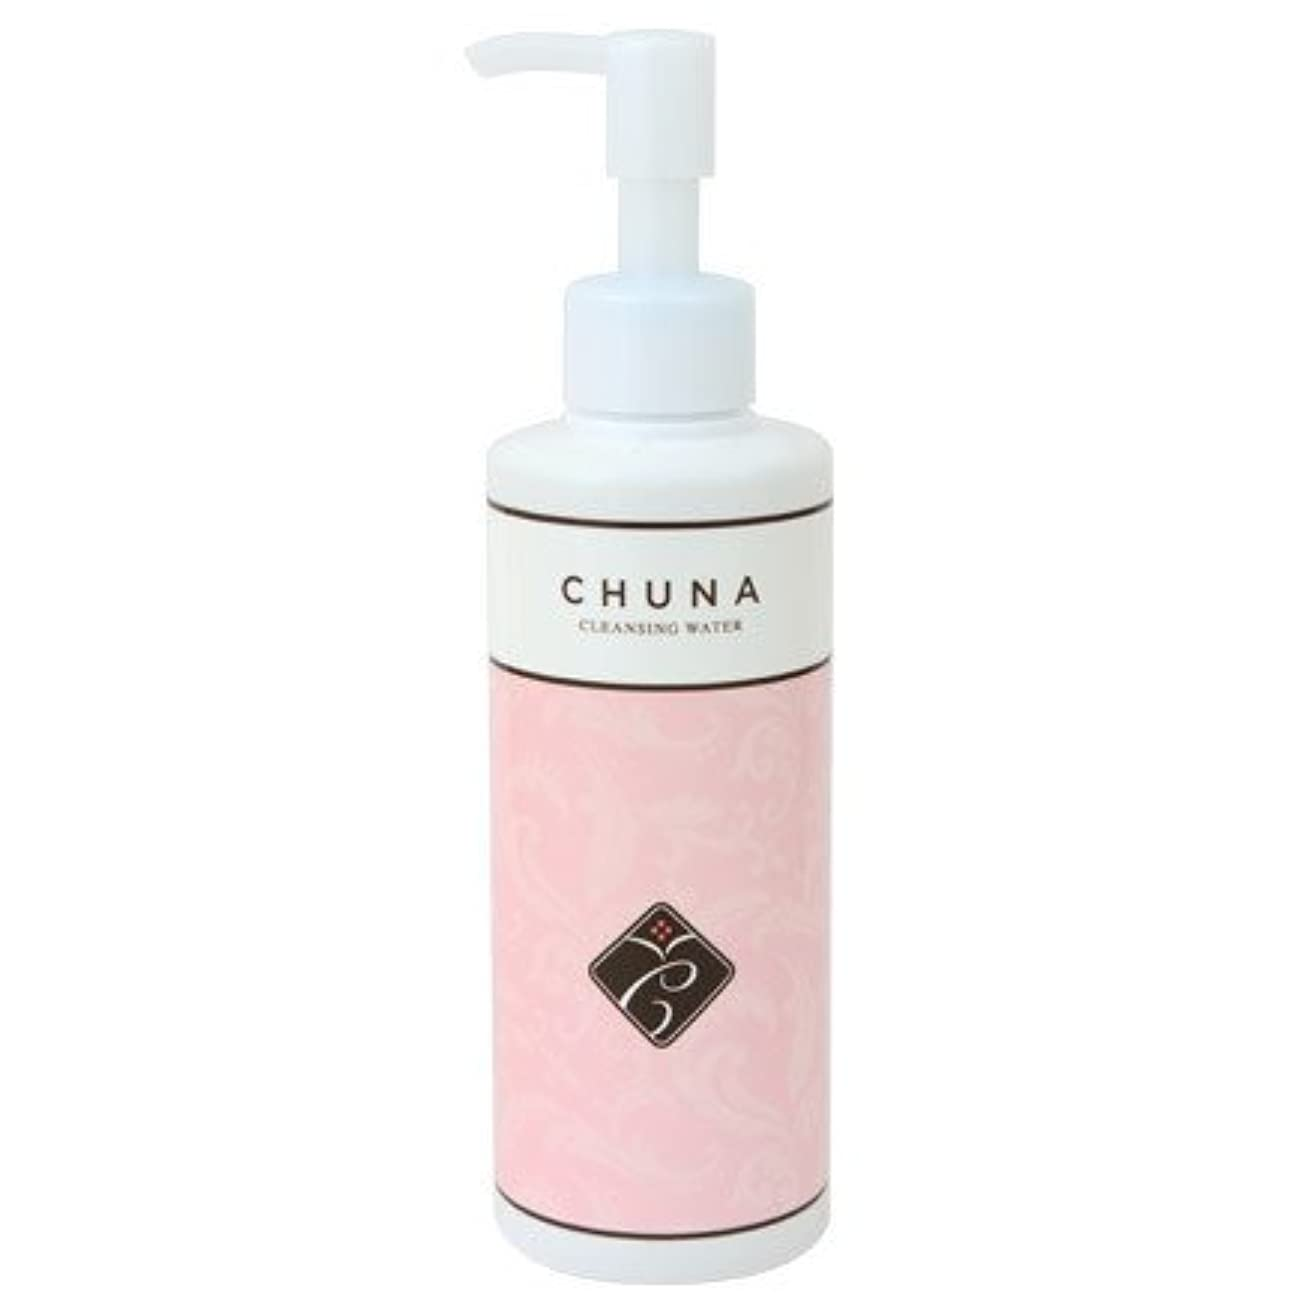 構想する炎上贅沢なCHUNA キュナ クレンジングウォーター